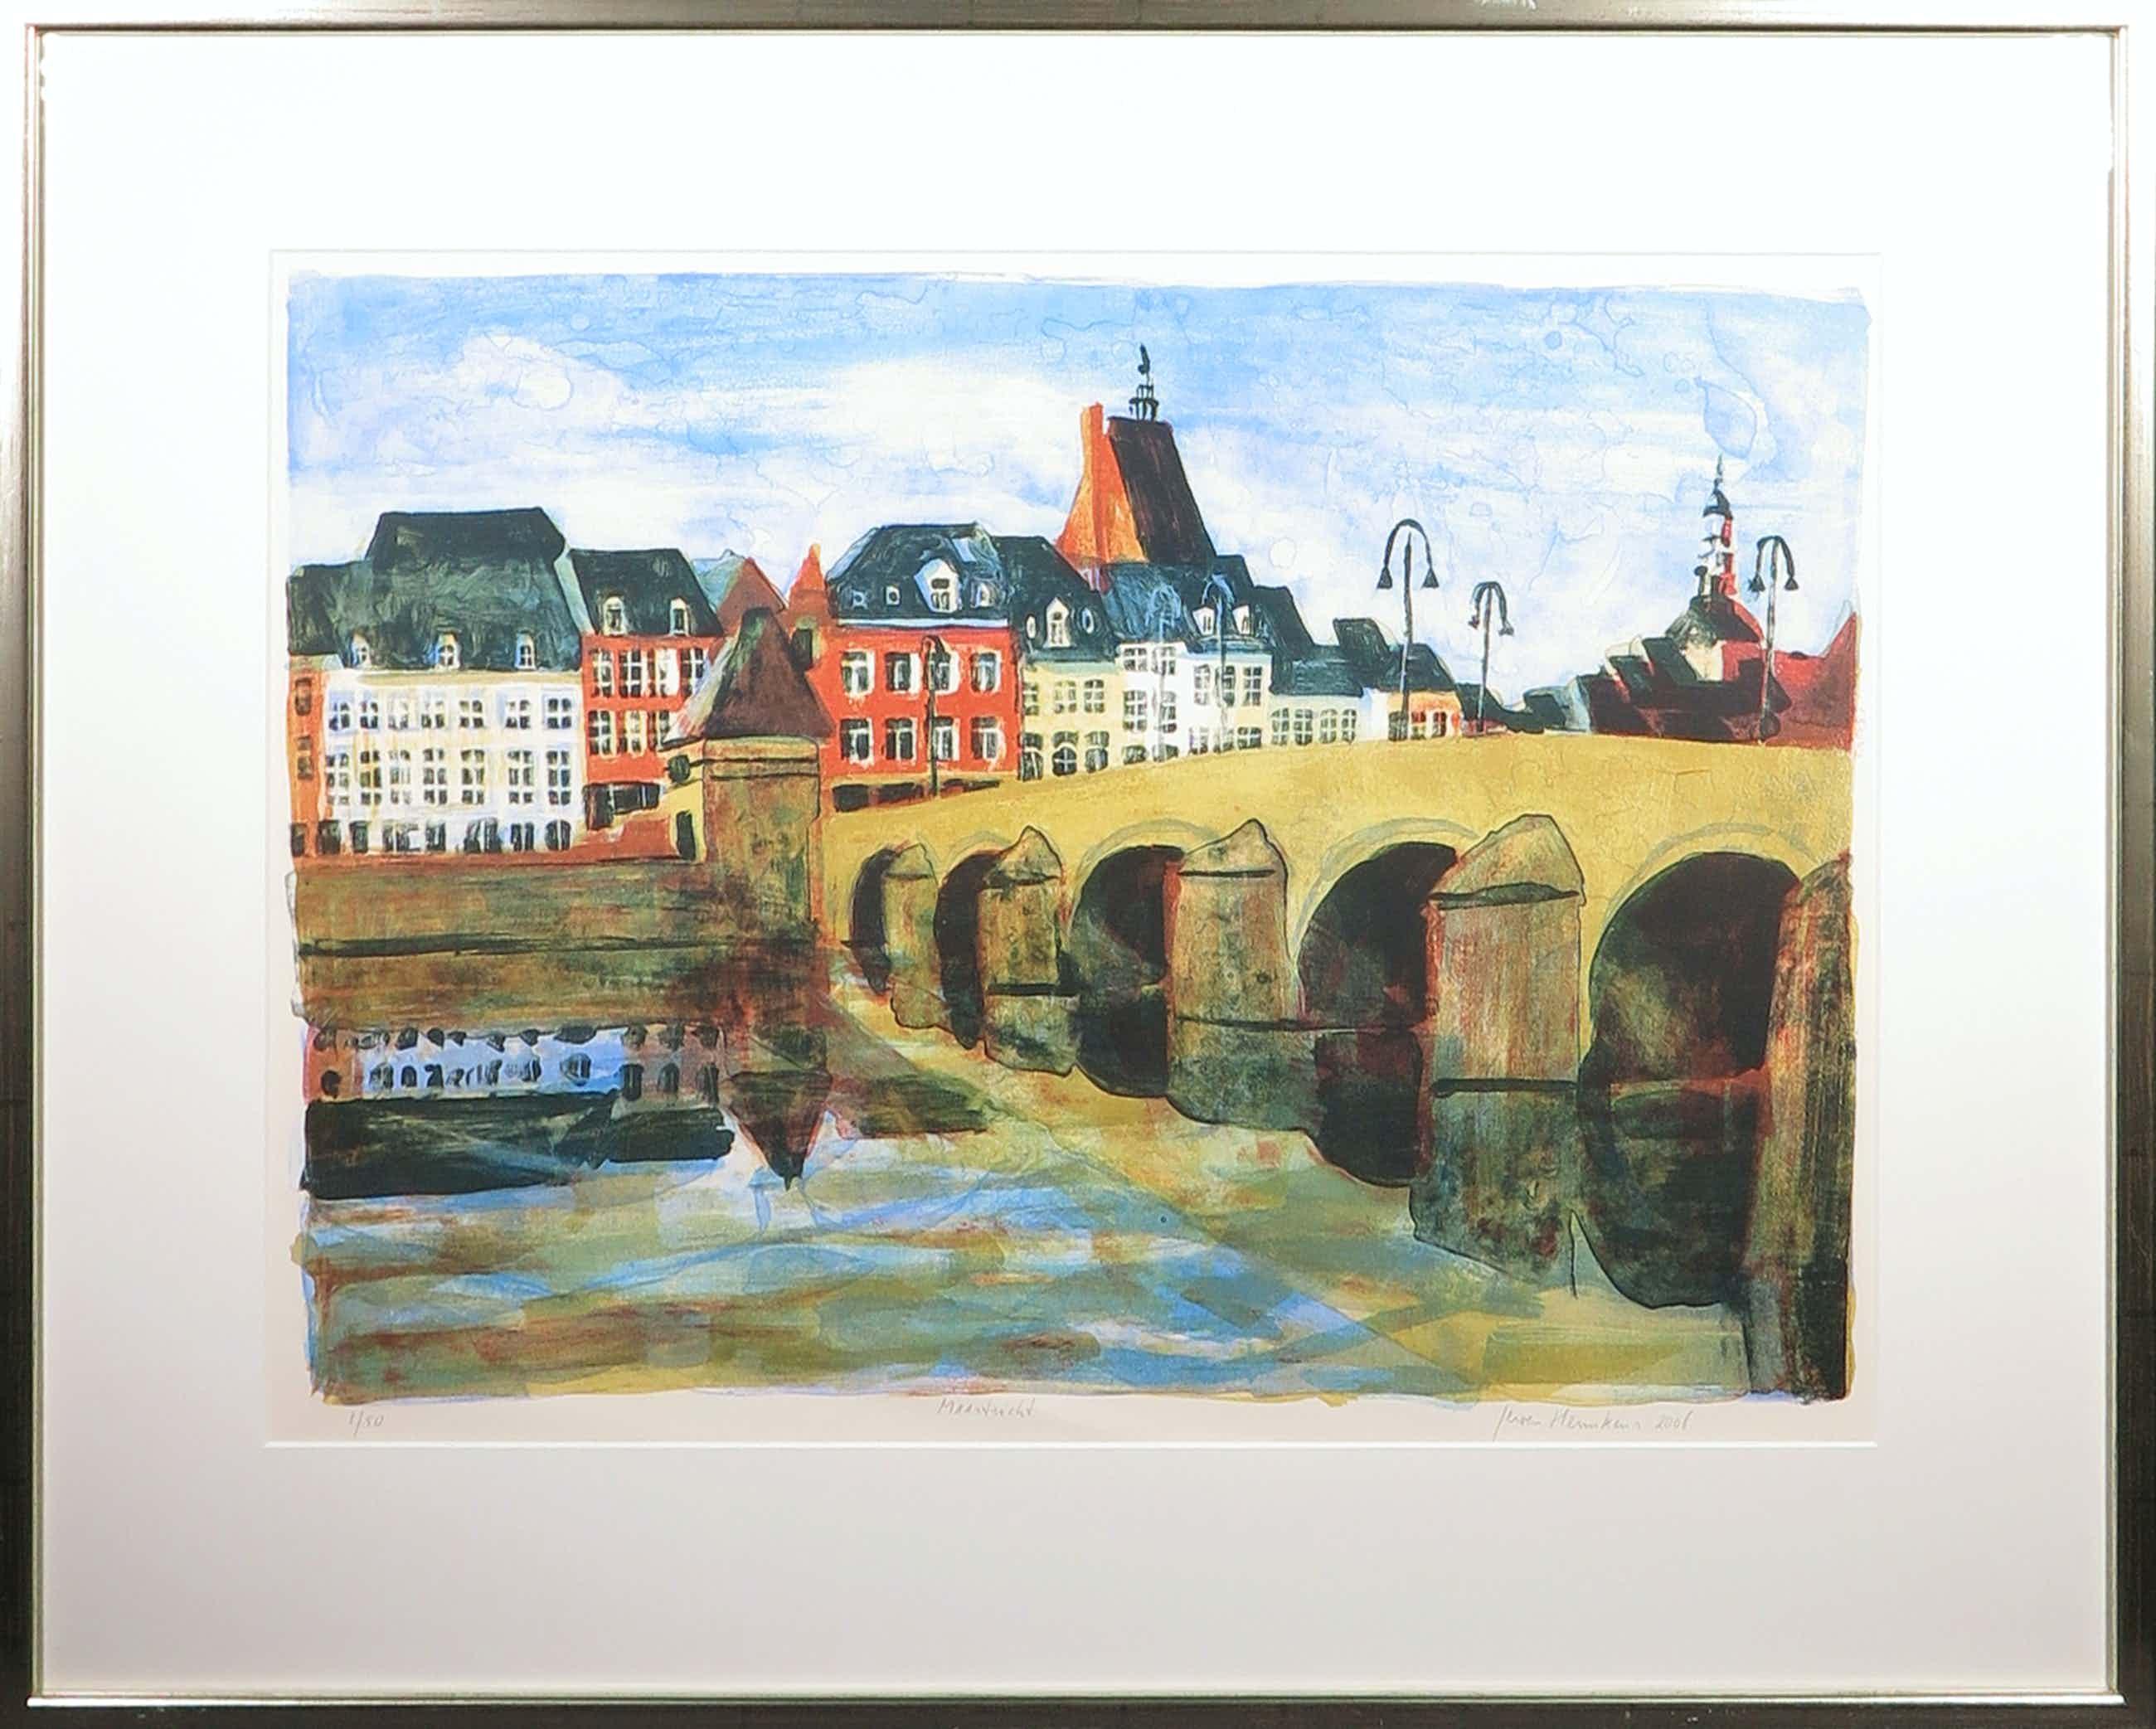 Jeroen Hermkens - Litho, Maastricht - Ingelijst kopen? Bied vanaf 130!